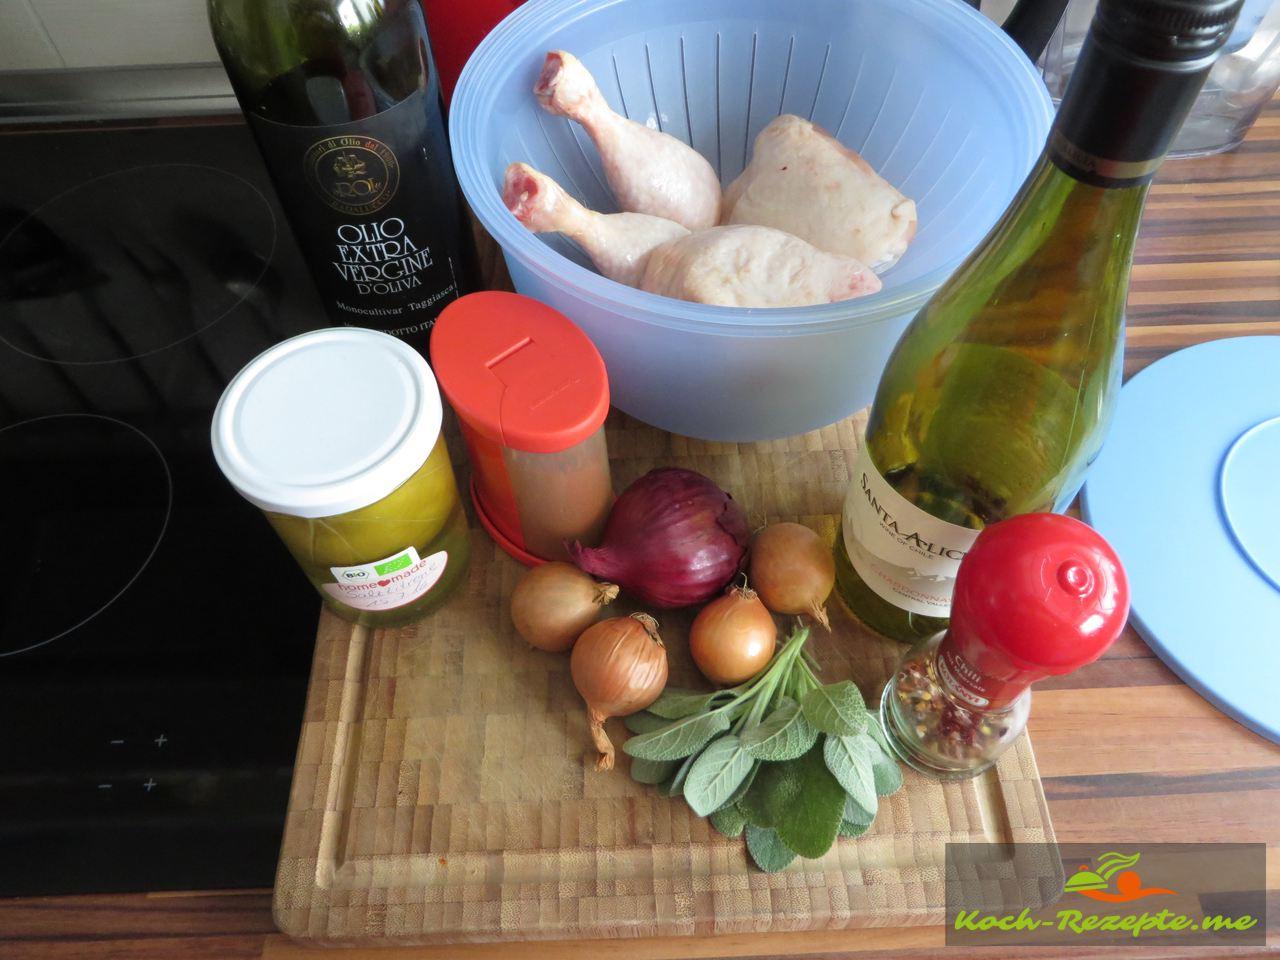 Zutaten für Salbei-Huhn mit Salz-Zitrone ein feines Rezept aus Marokko.